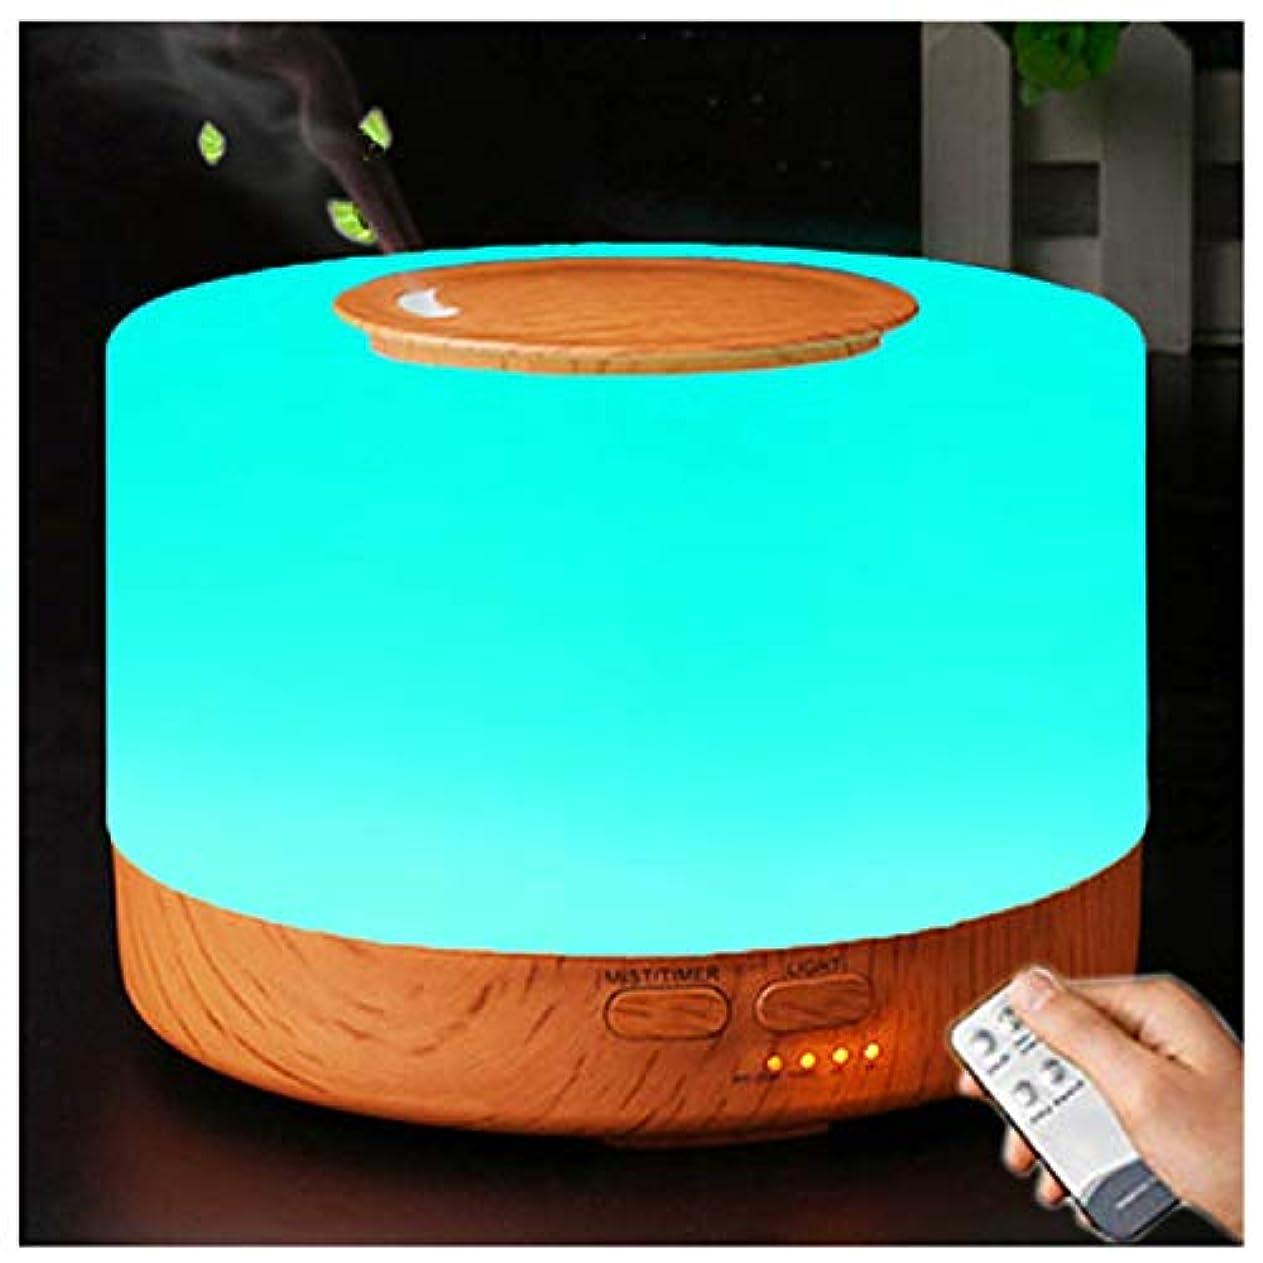 アロマディフューザー 加湿器, 卓上 大容量 超音波加湿器, 500ML 保湿 時間設定 空焚き防止 7色変換LED搭載 (木目調)